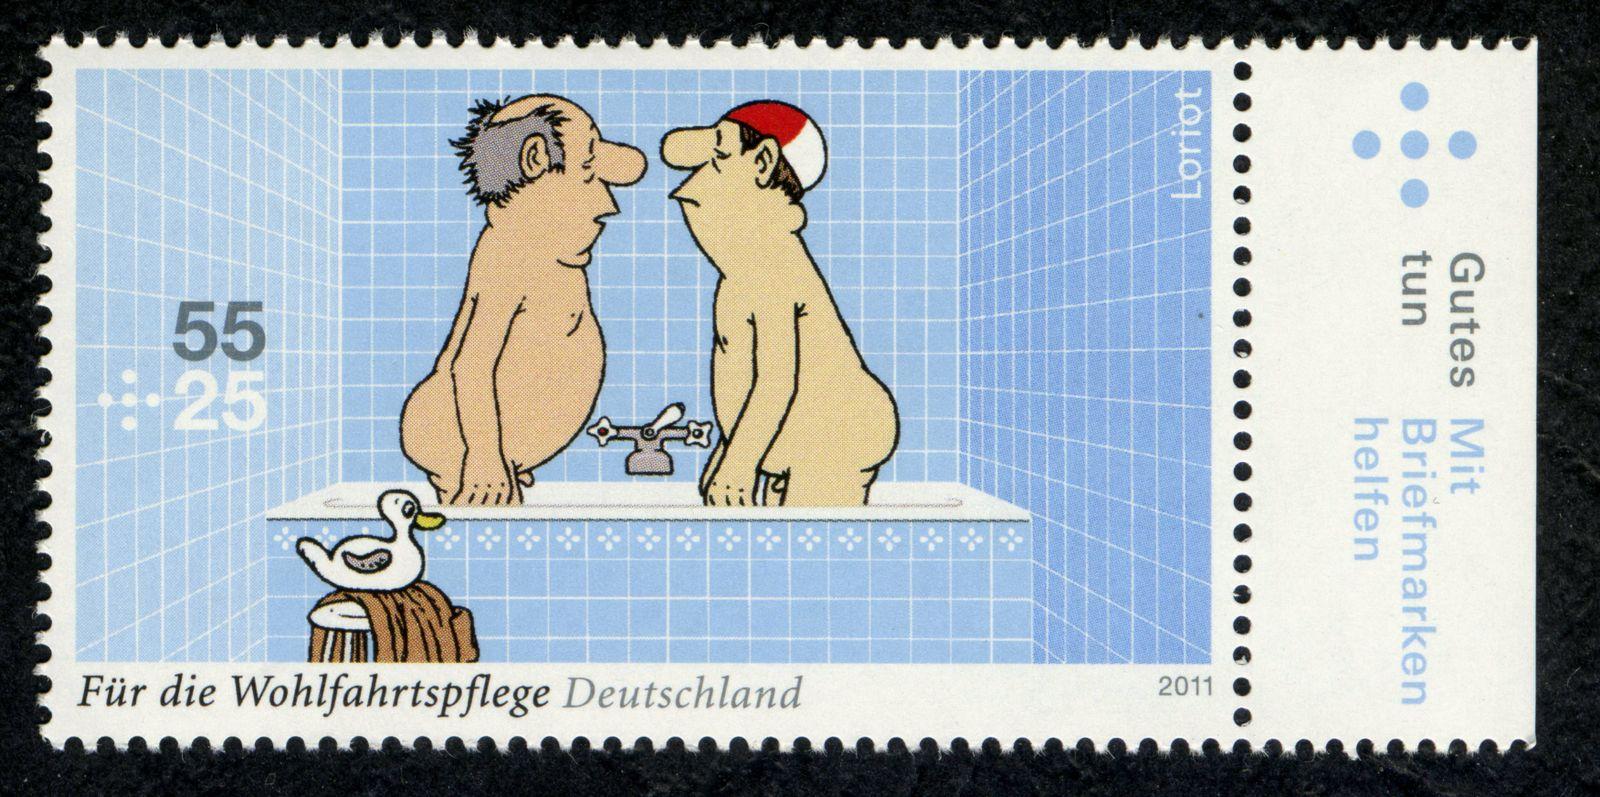 EINMALIGE VERWENDUNG Loriot Briefmarke / Badewanne